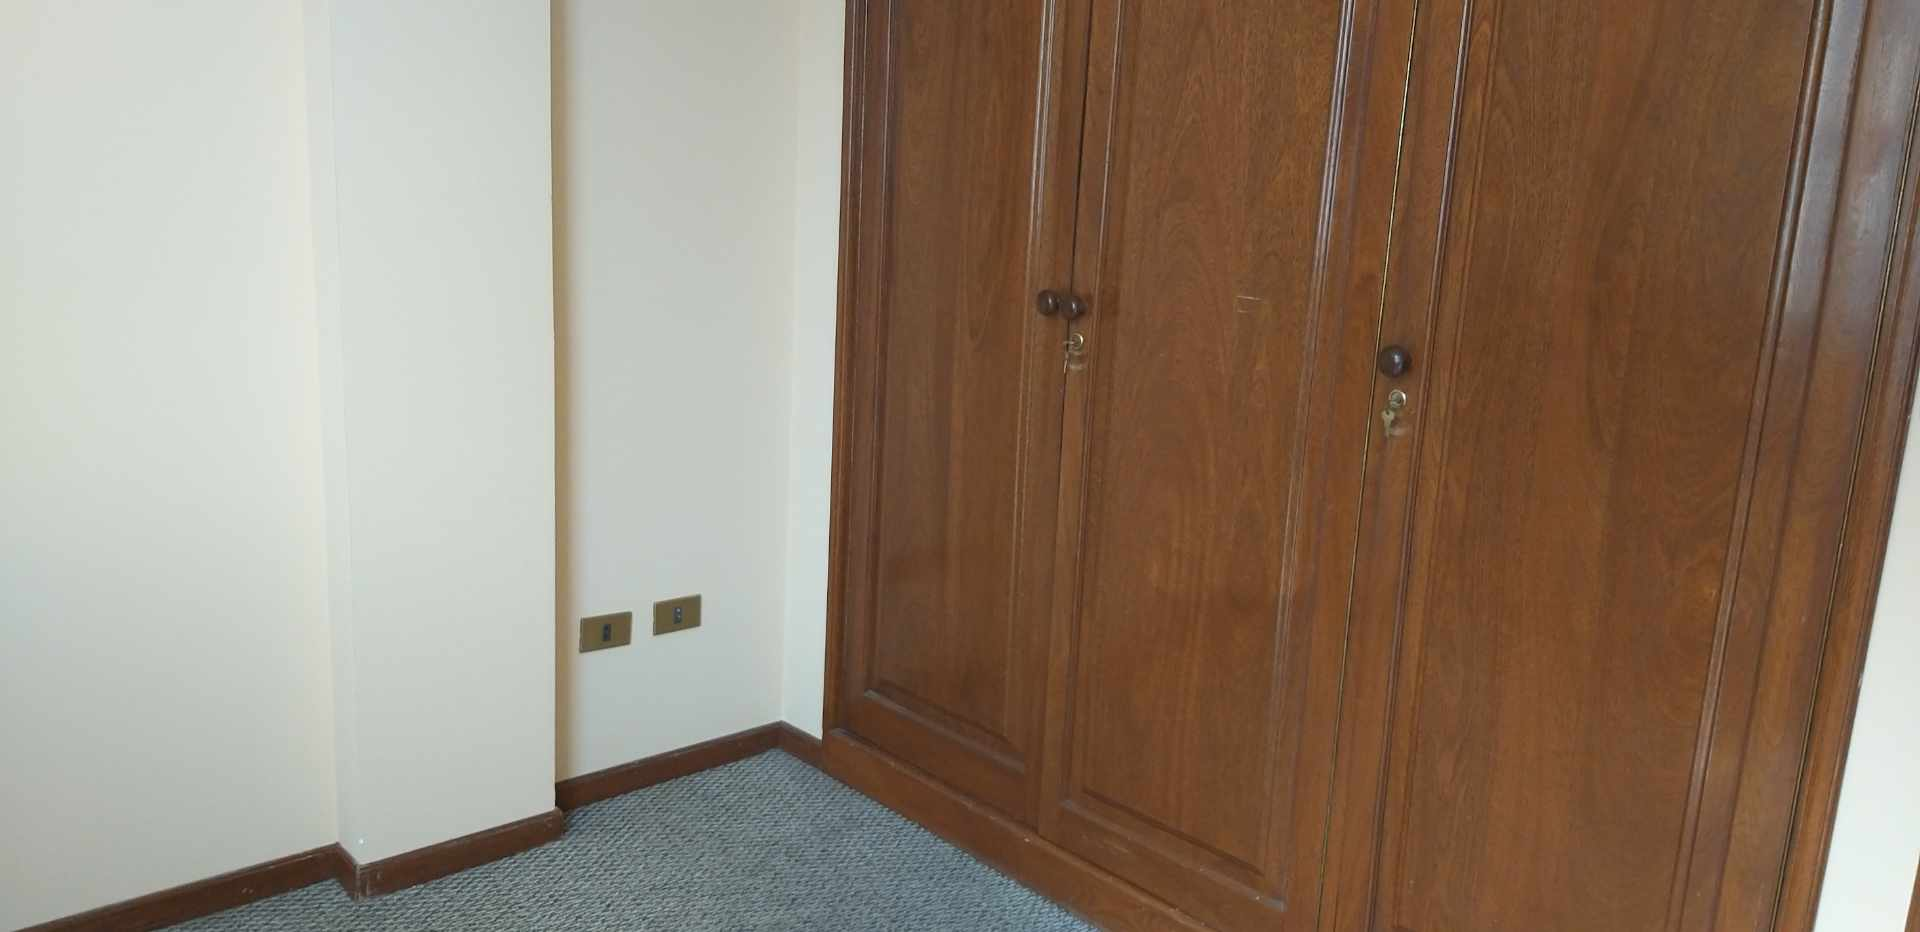 Departamento en Alquiler Calle Junin #756 Foto 8